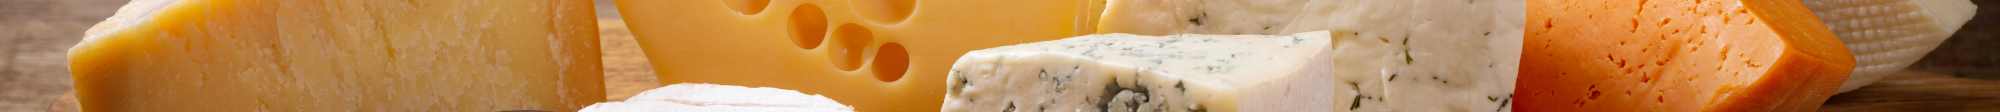 Comprar  quesos Italia gourmet online | Mixtura Gourmet